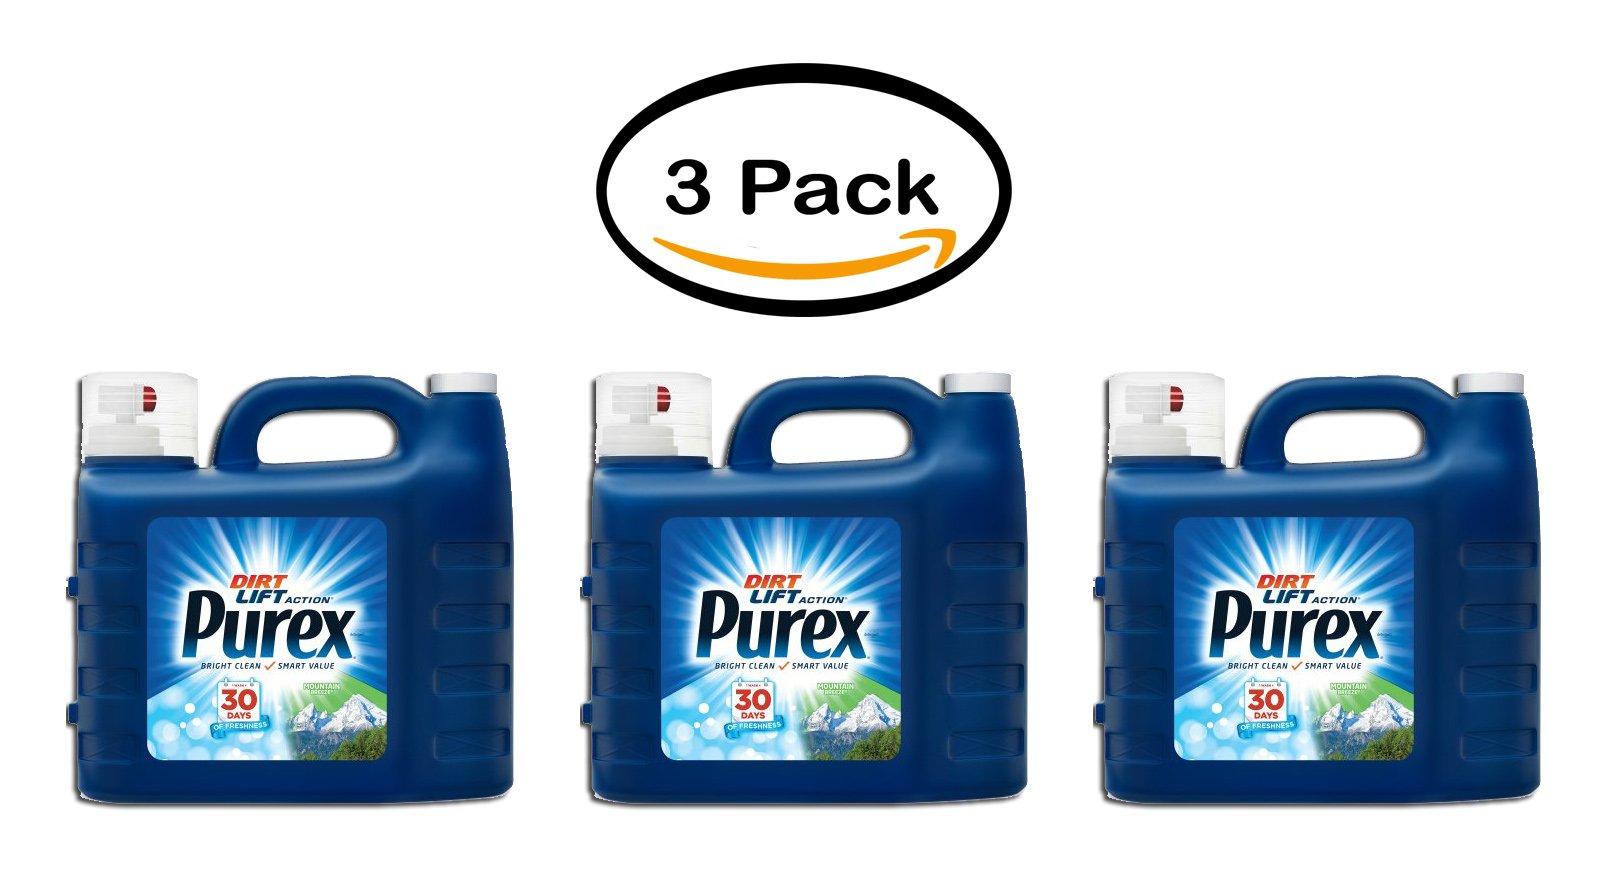 PACK OF 3 - Purex Liquid Laundry Detergent, Mountain Breeze, 300 Fluid Ounces, 200 Loads